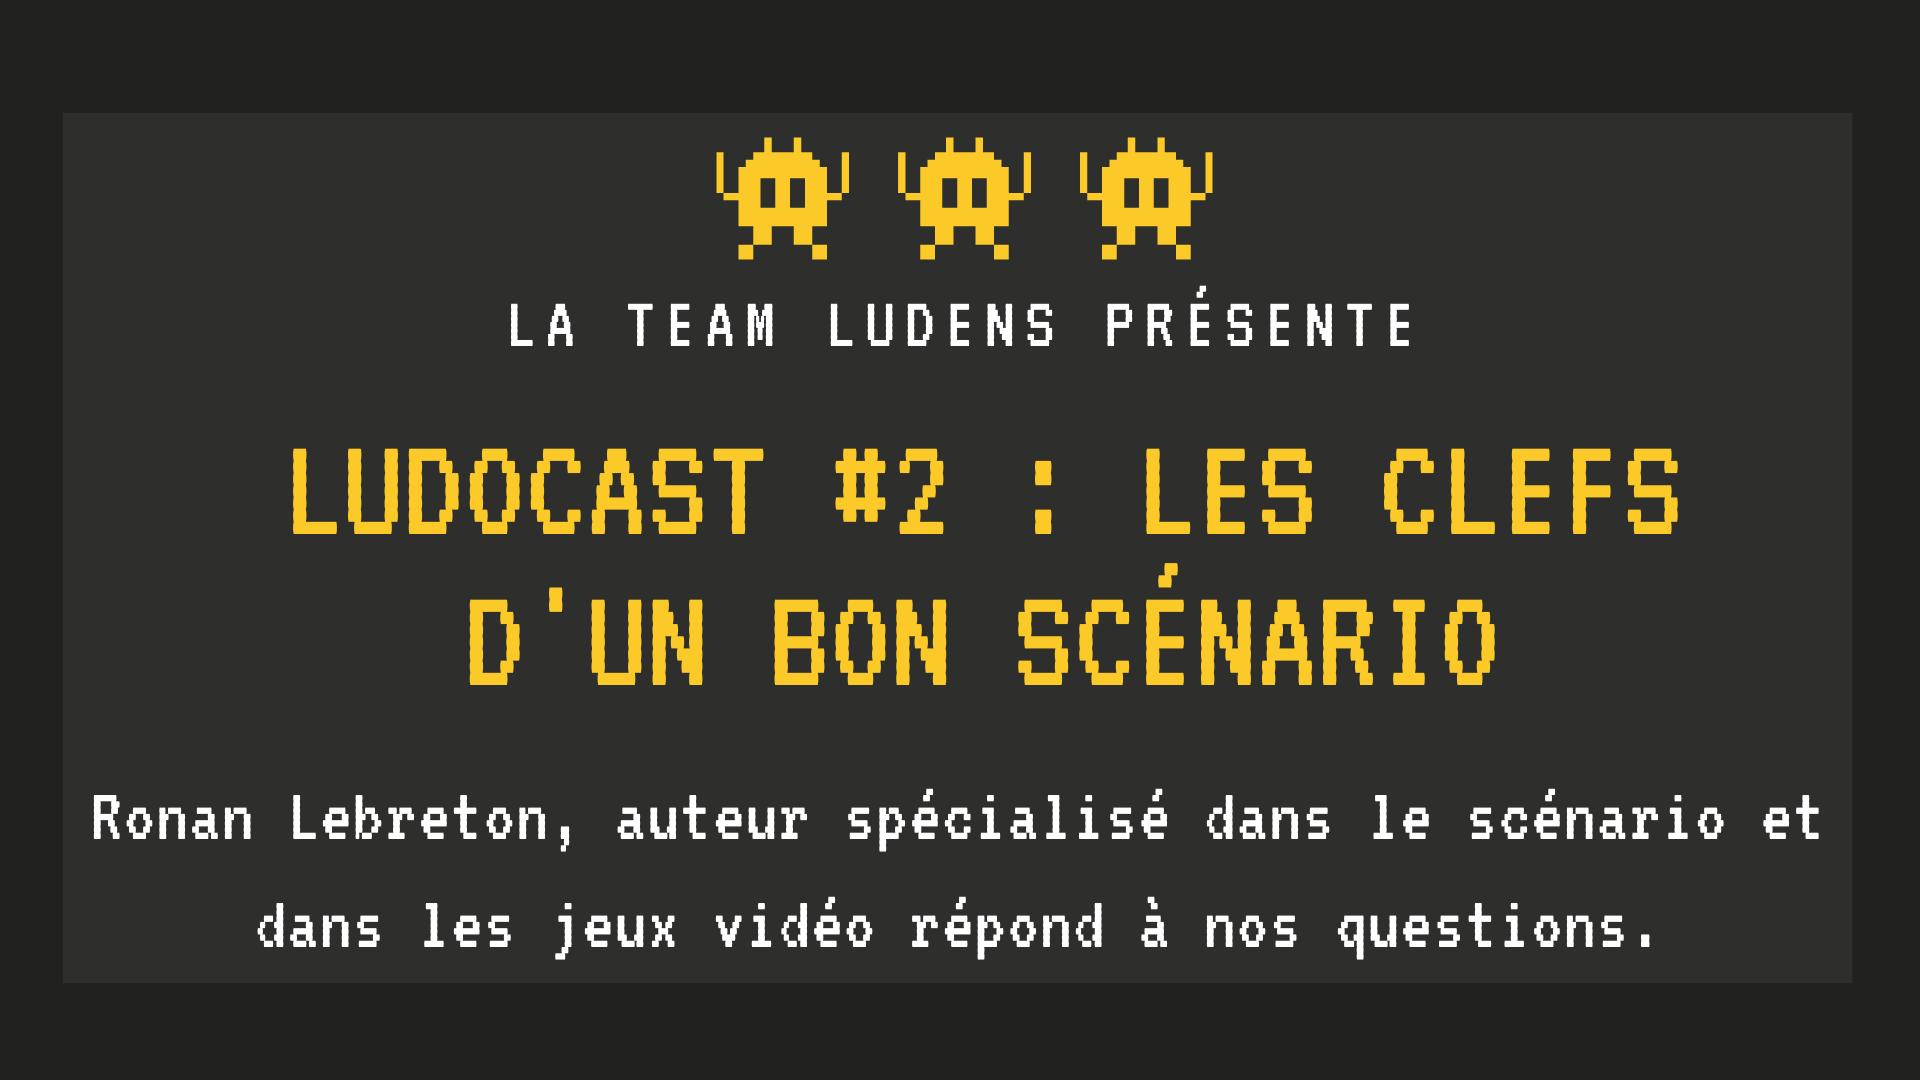 Ludocast #2 : Les clefs d'un bon scénario (Ronan Lebreton)